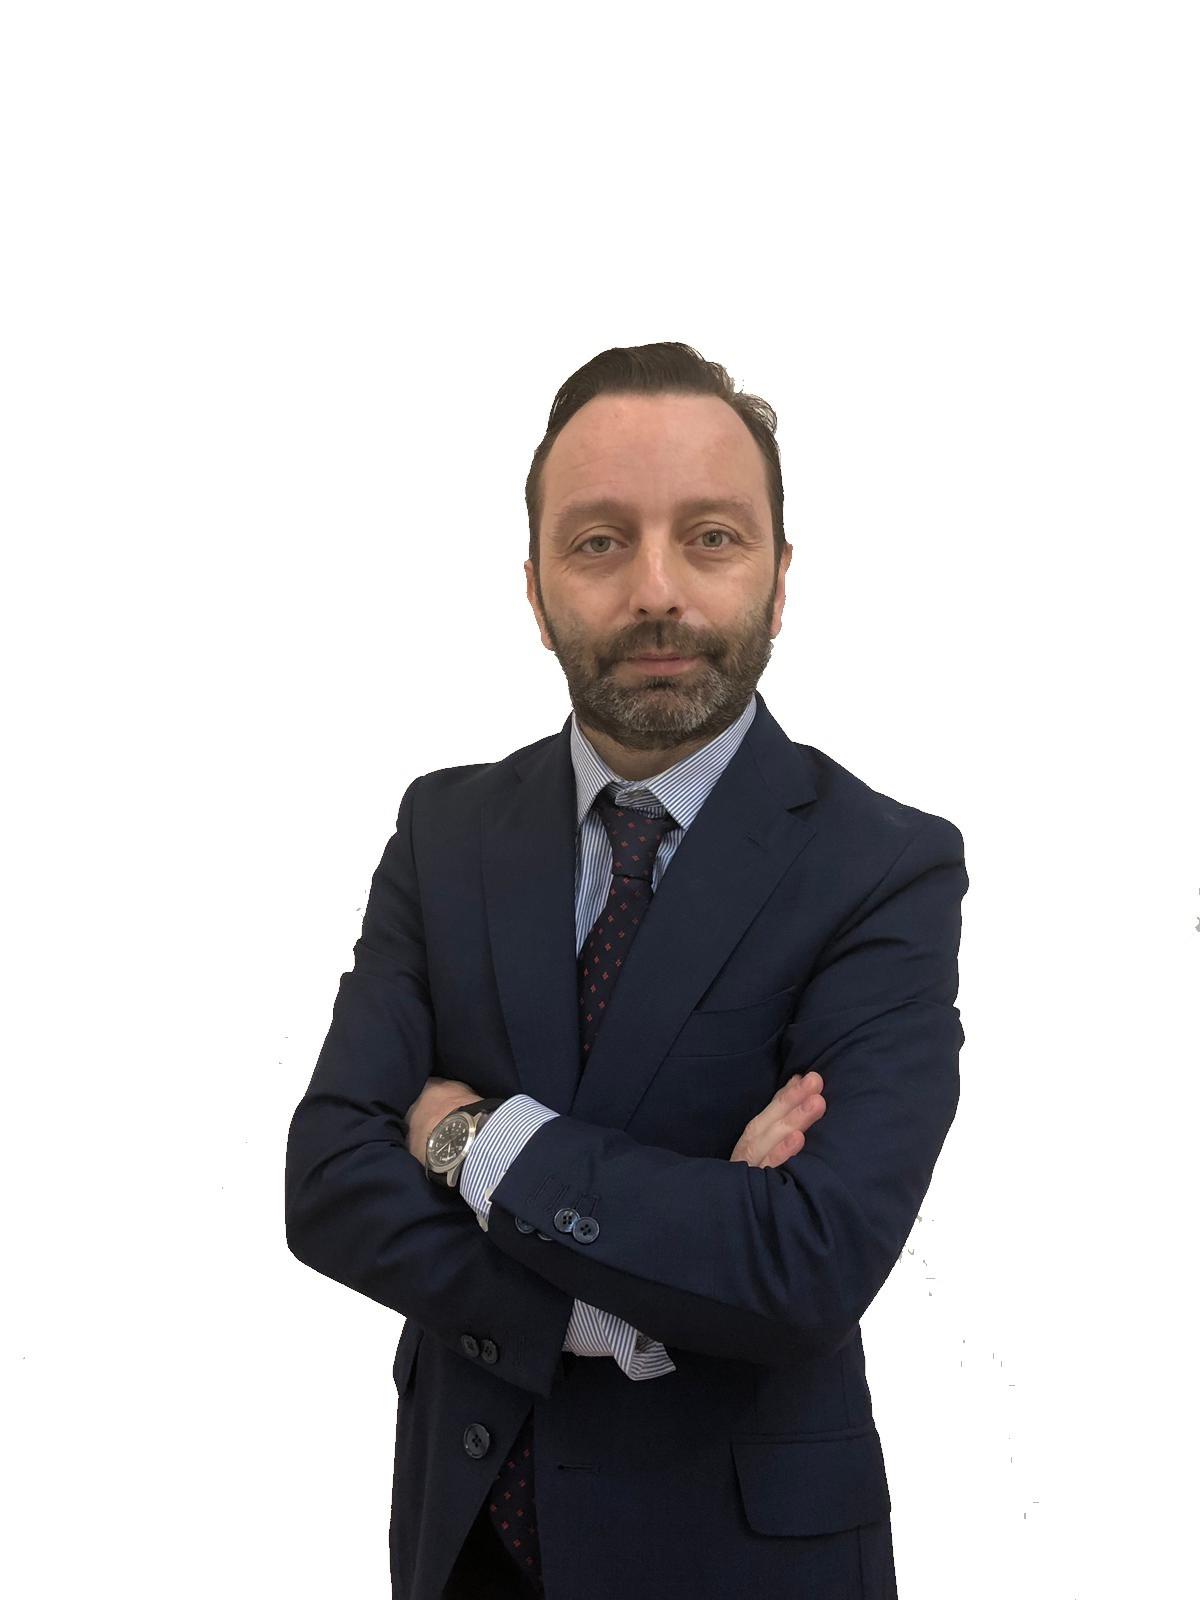 Antonio Muñoz Calero García